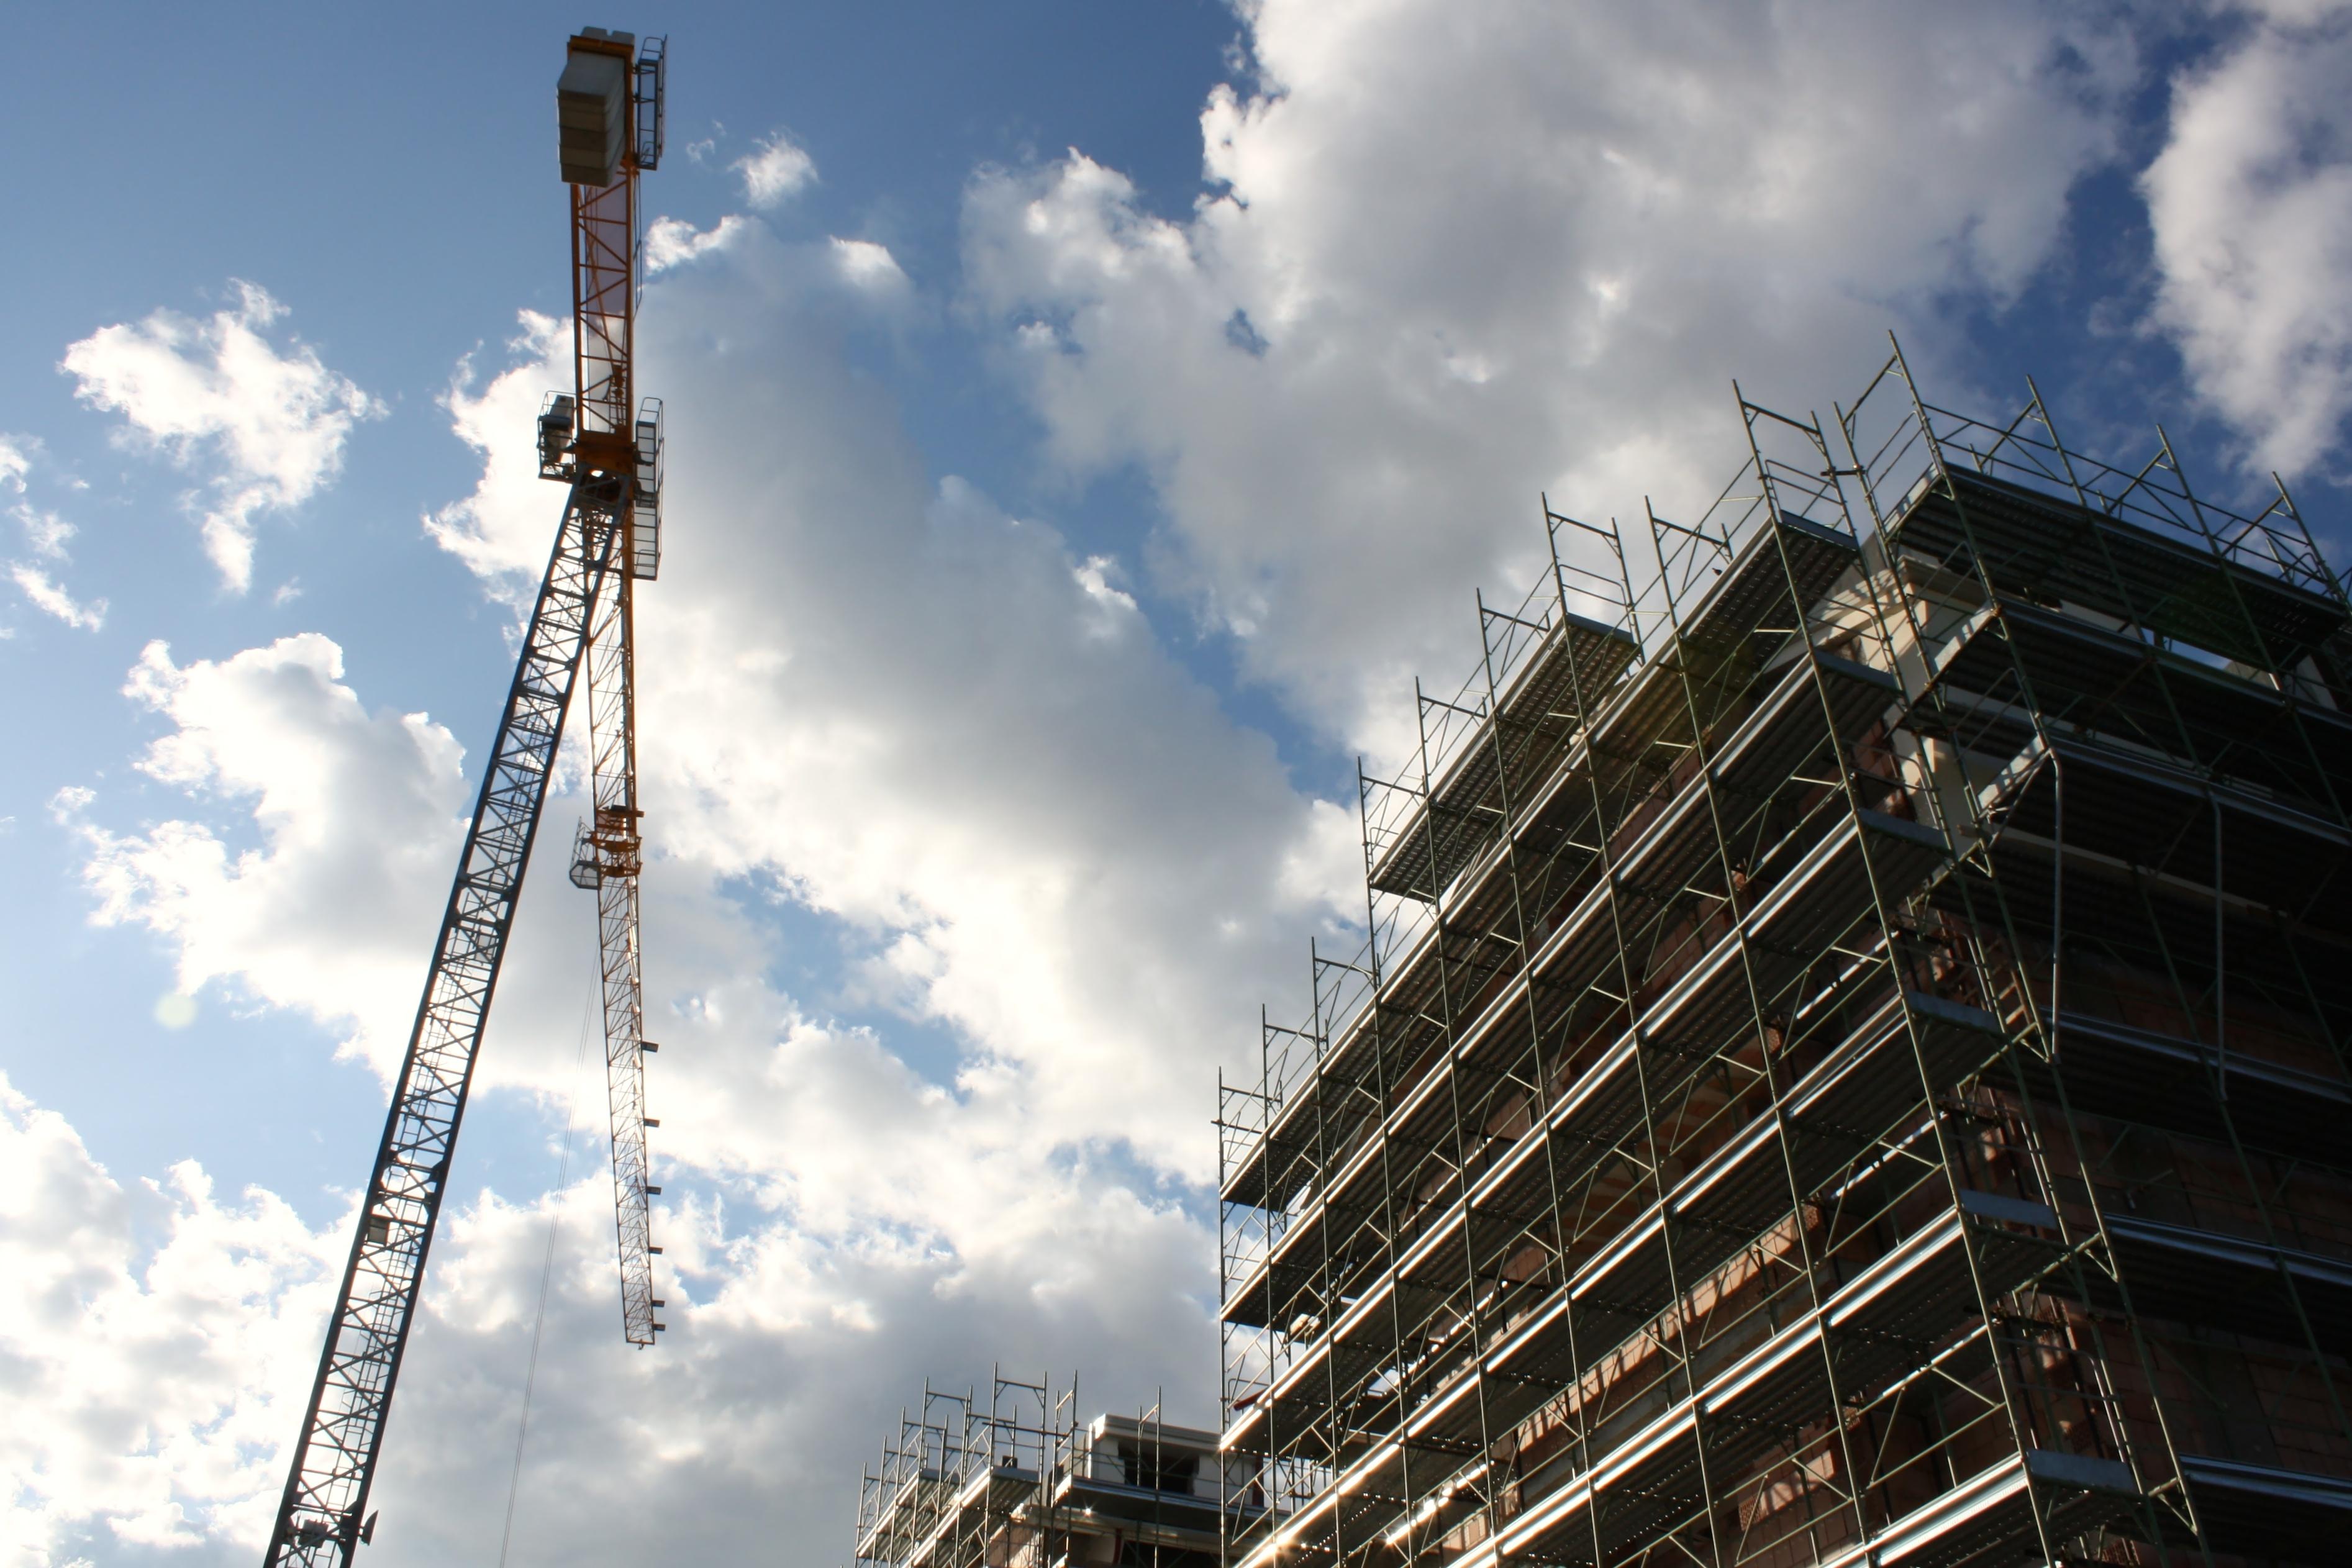 Imprese Di Costruzioni Roma costruzioni, 136 mila imprese in lombardia | radio lombardia